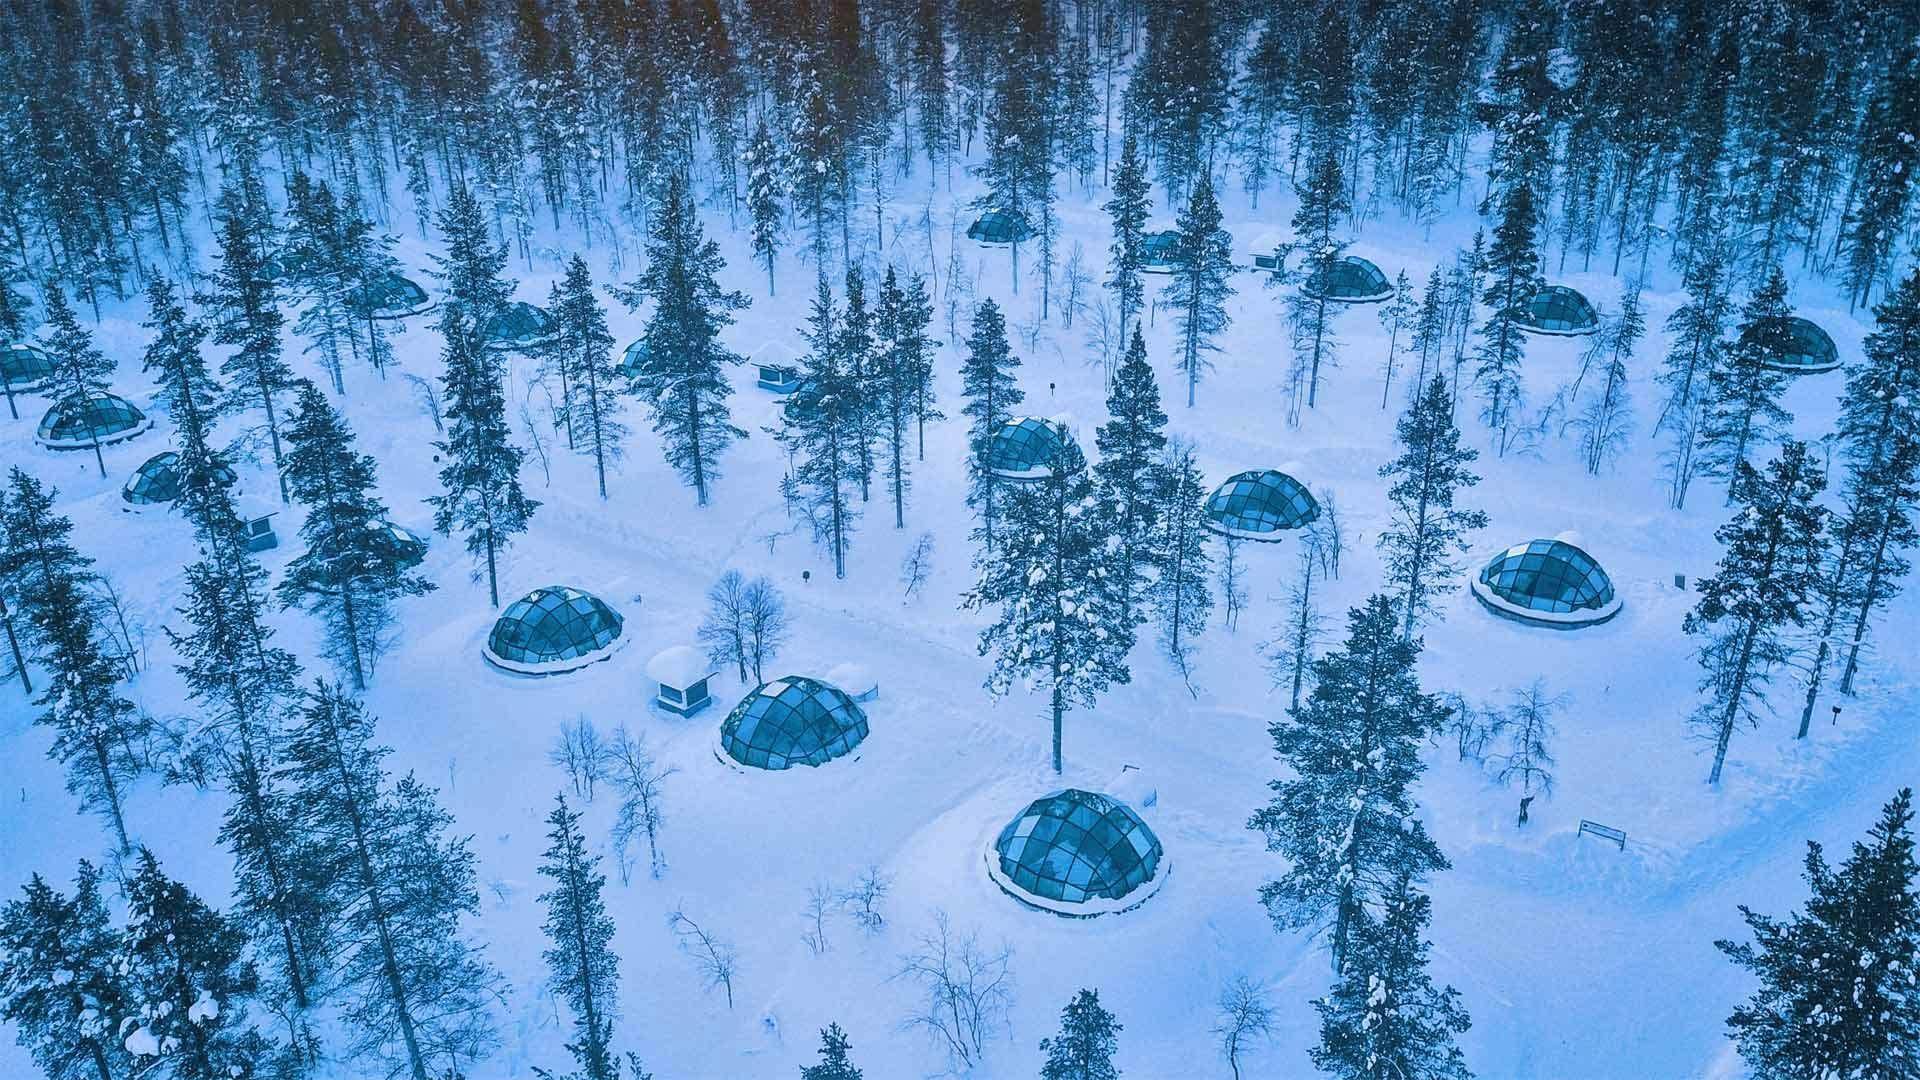 卡克斯劳塔宁阿克蒂克度假酒店的玻璃圆顶冰屋冰屋酒店